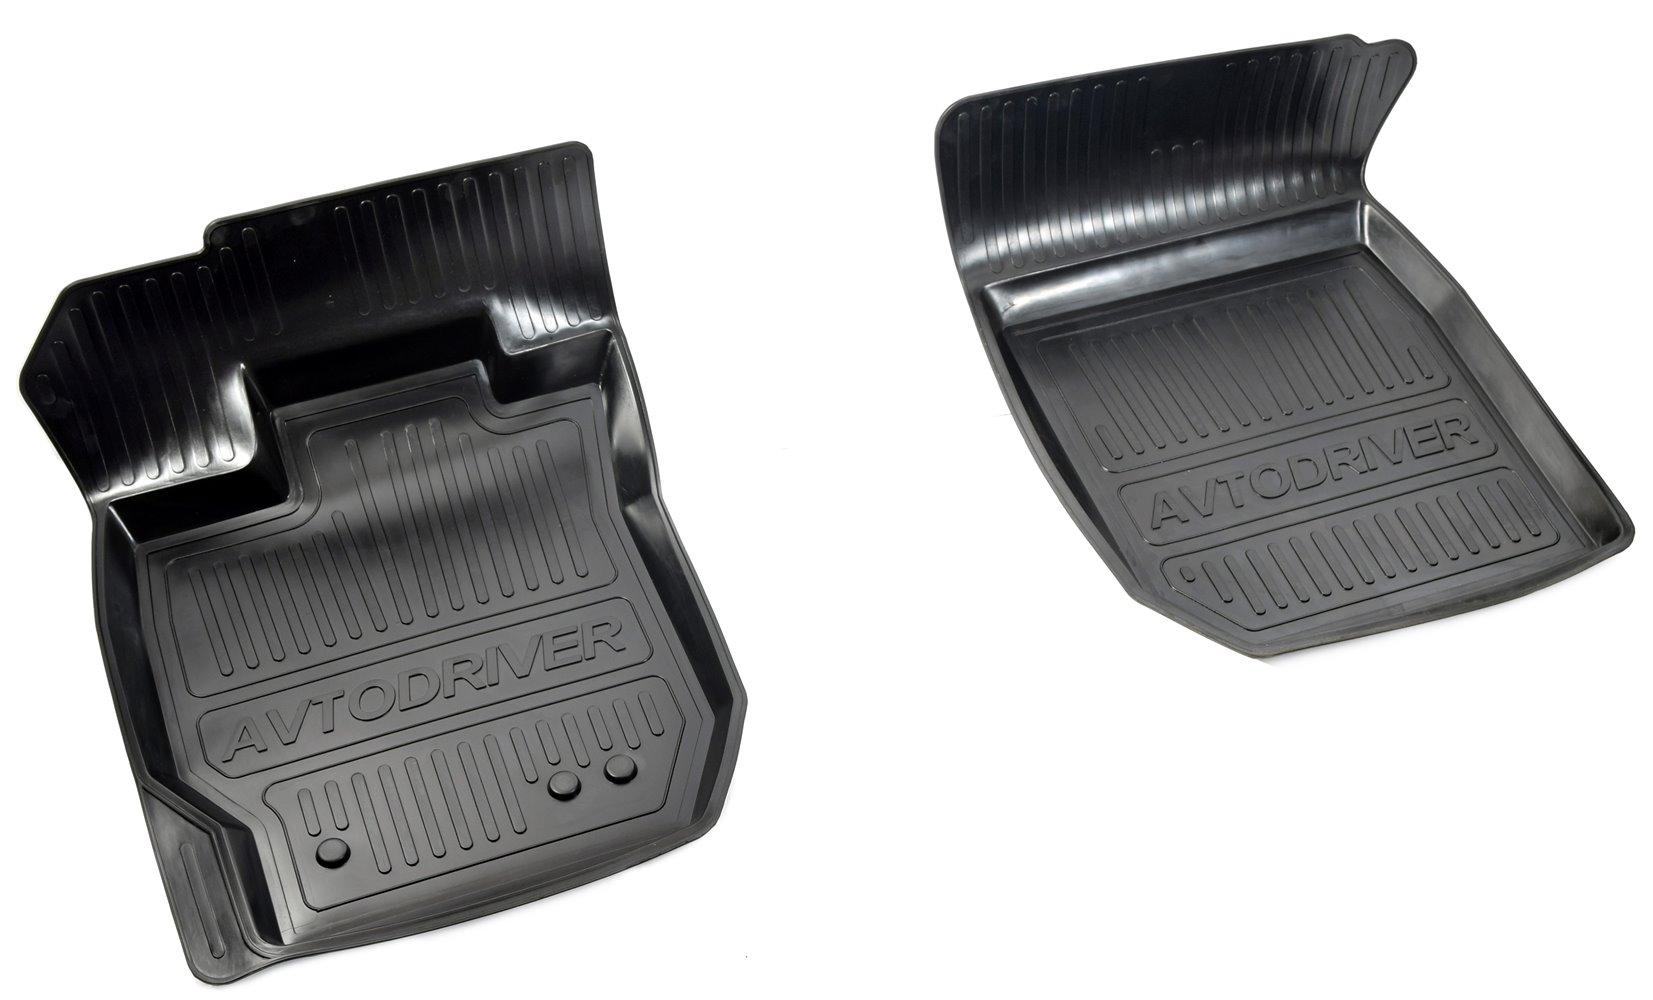 Коврики салона Avtodriver для Renault Duster полный привод (2015-) (2 передних) ADRJET045-2, резиновые, с бортиком, черный фаркоп renault duster 2012